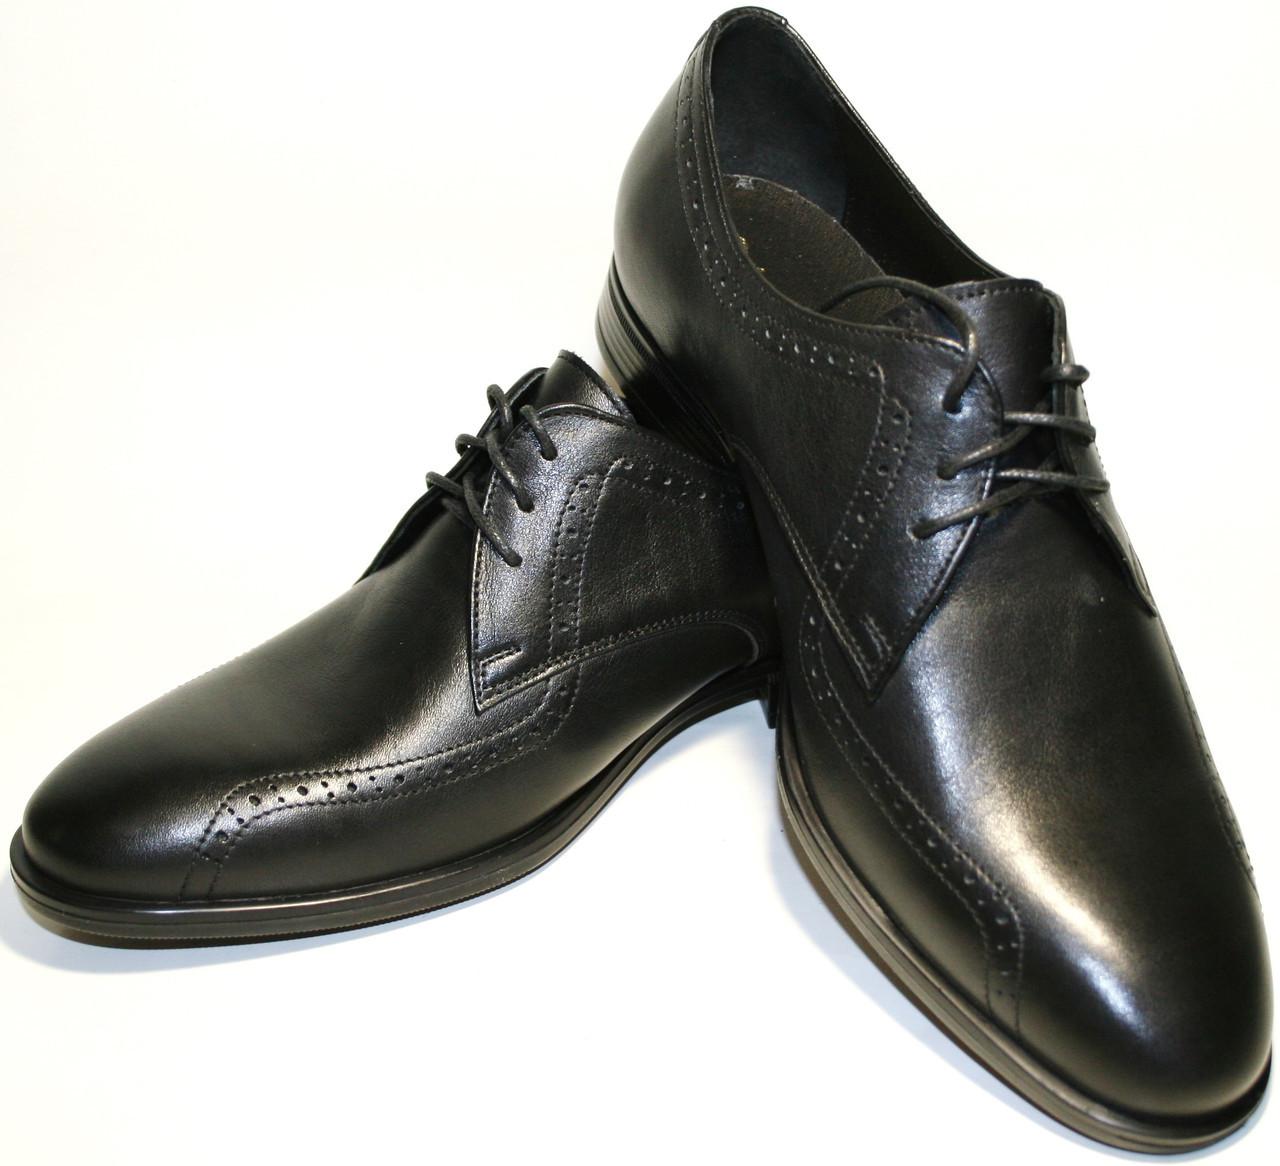 98f5442ffcc9 Туфли дерби мужские броги кожаные, черные Икос демисезонные -  Интернет-магазин